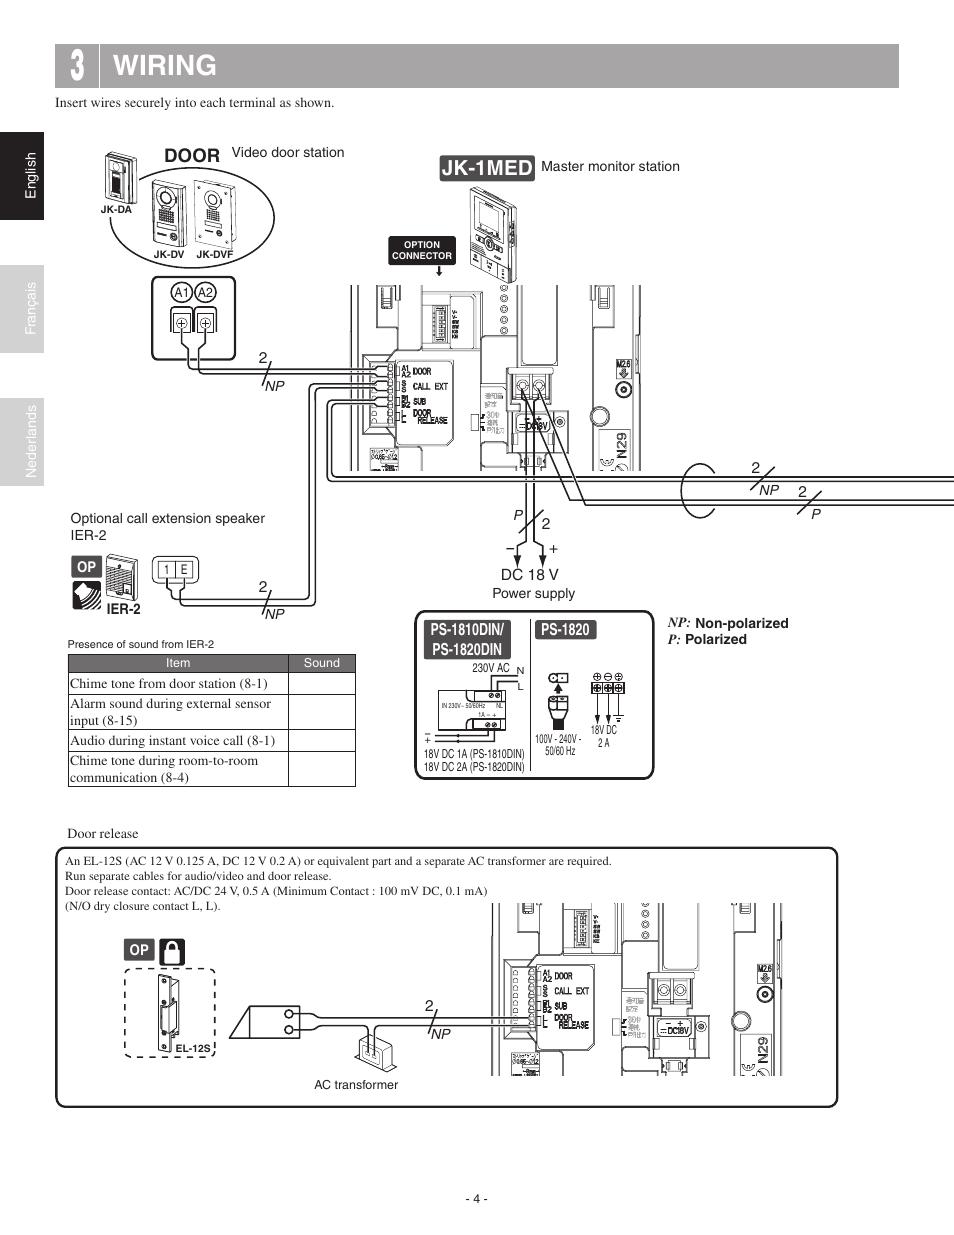 wiring jk 1hd jk 1med aiphone jk 1med user manual. Black Bedroom Furniture Sets. Home Design Ideas